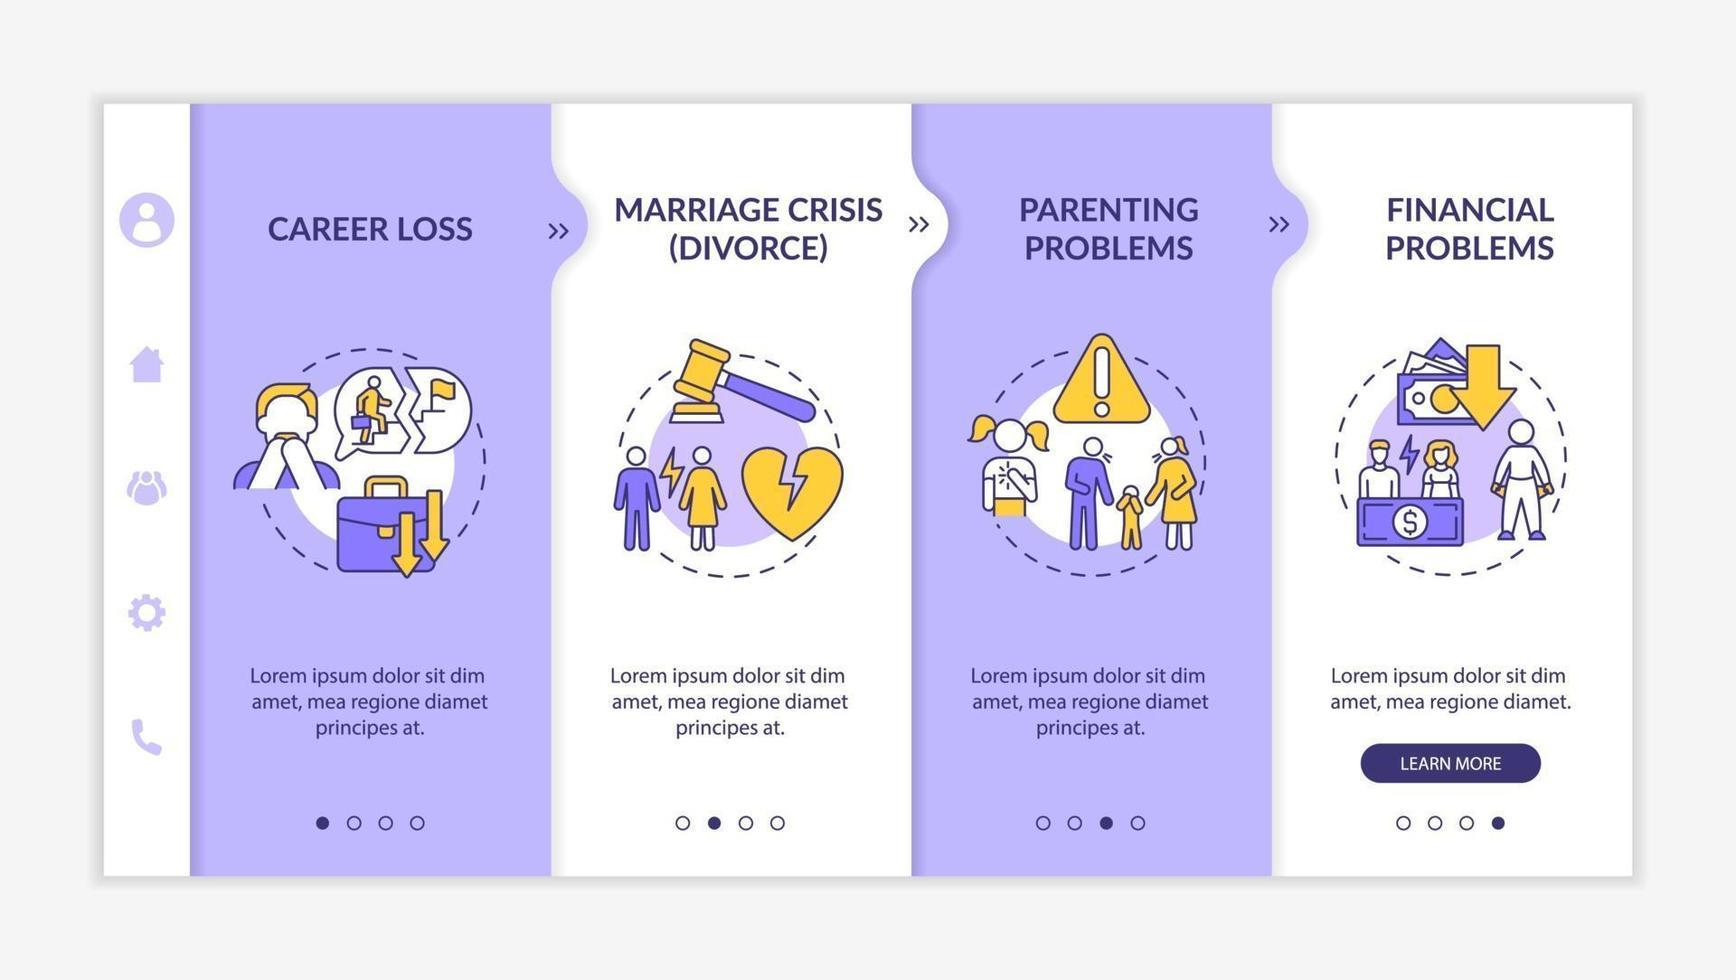 modelo de vetor de integração de problemas de parentalidade